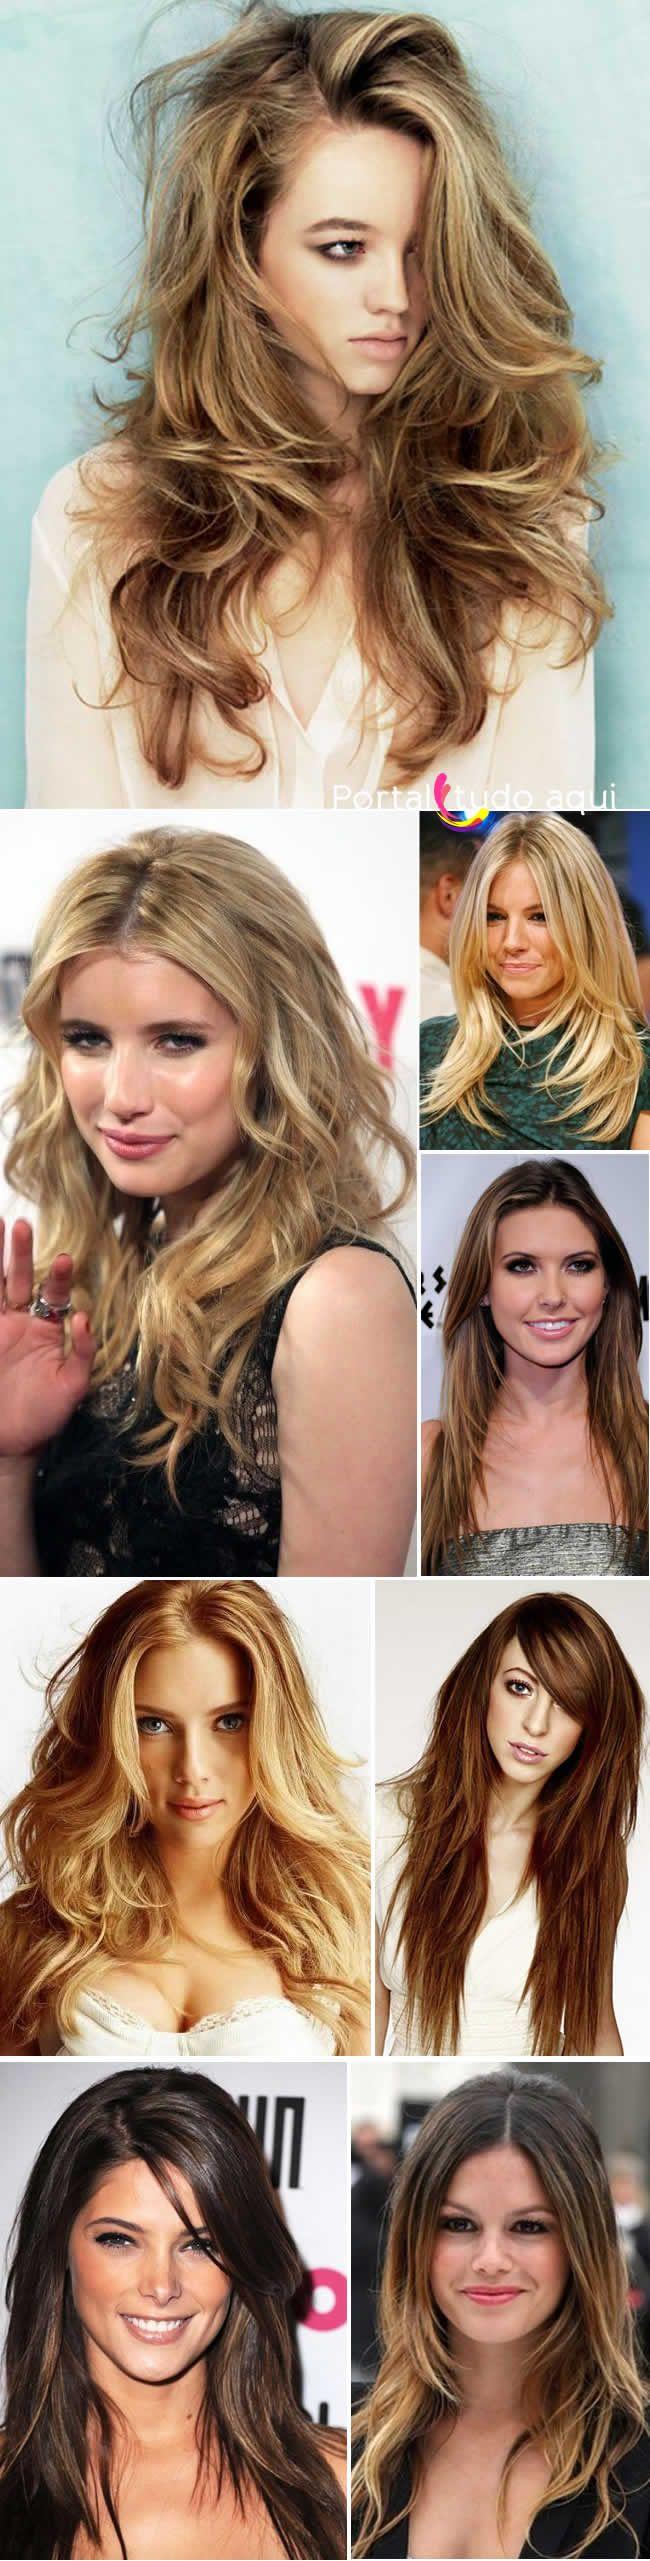 Corte de cabelo feminino 2014 - Veja as principais tendências